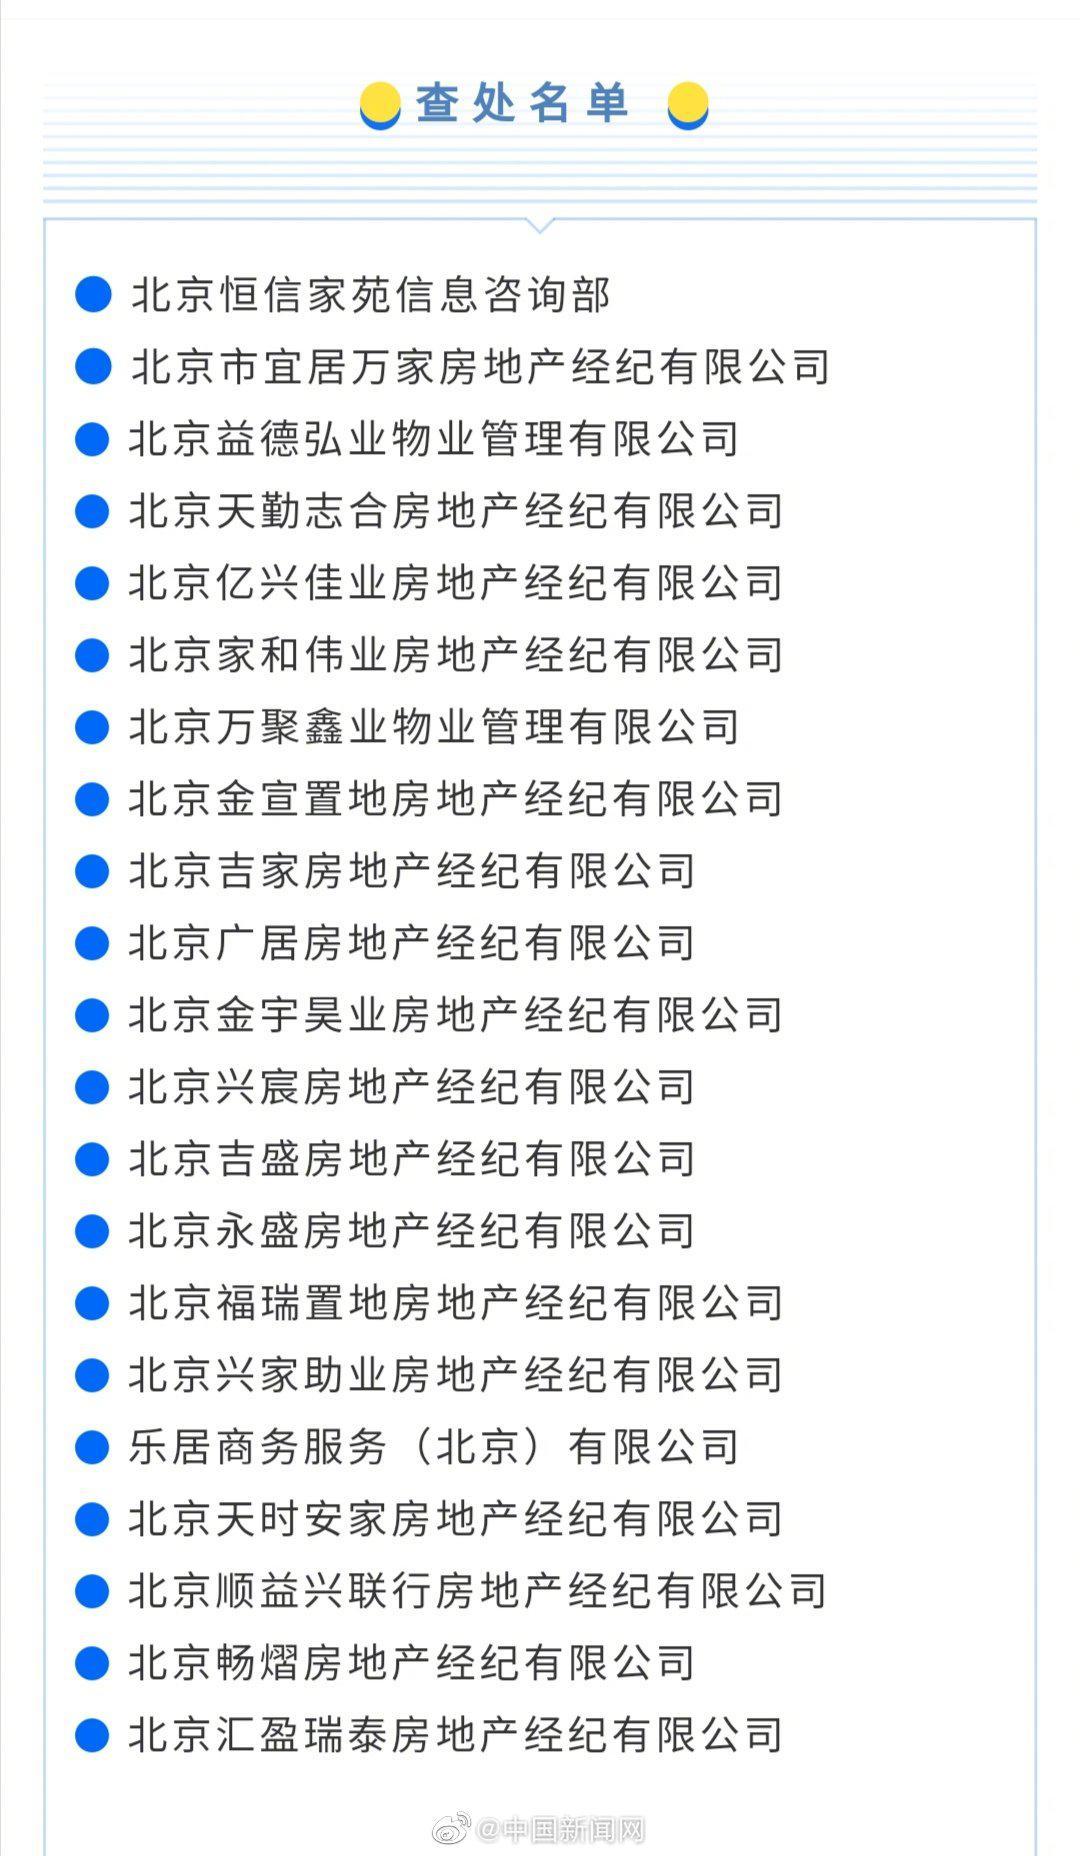 北京21家房地产经纪机构被查处 因炒作学区房等